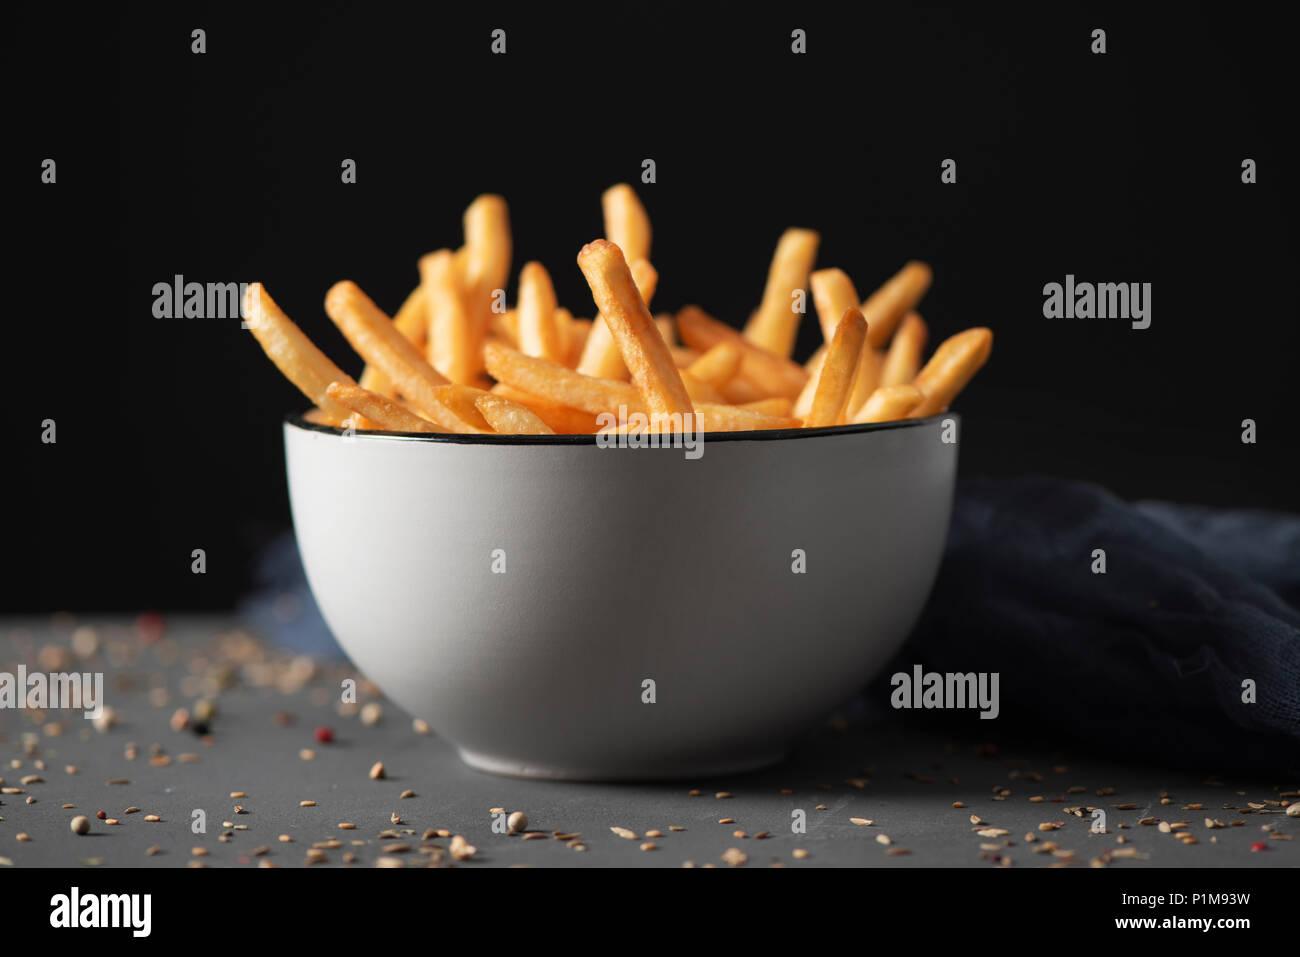 Quelques frites appétissant servi dans un bol en céramique blanc, placé sur une table en bois rustique gris, sur un fond noir Photo Stock